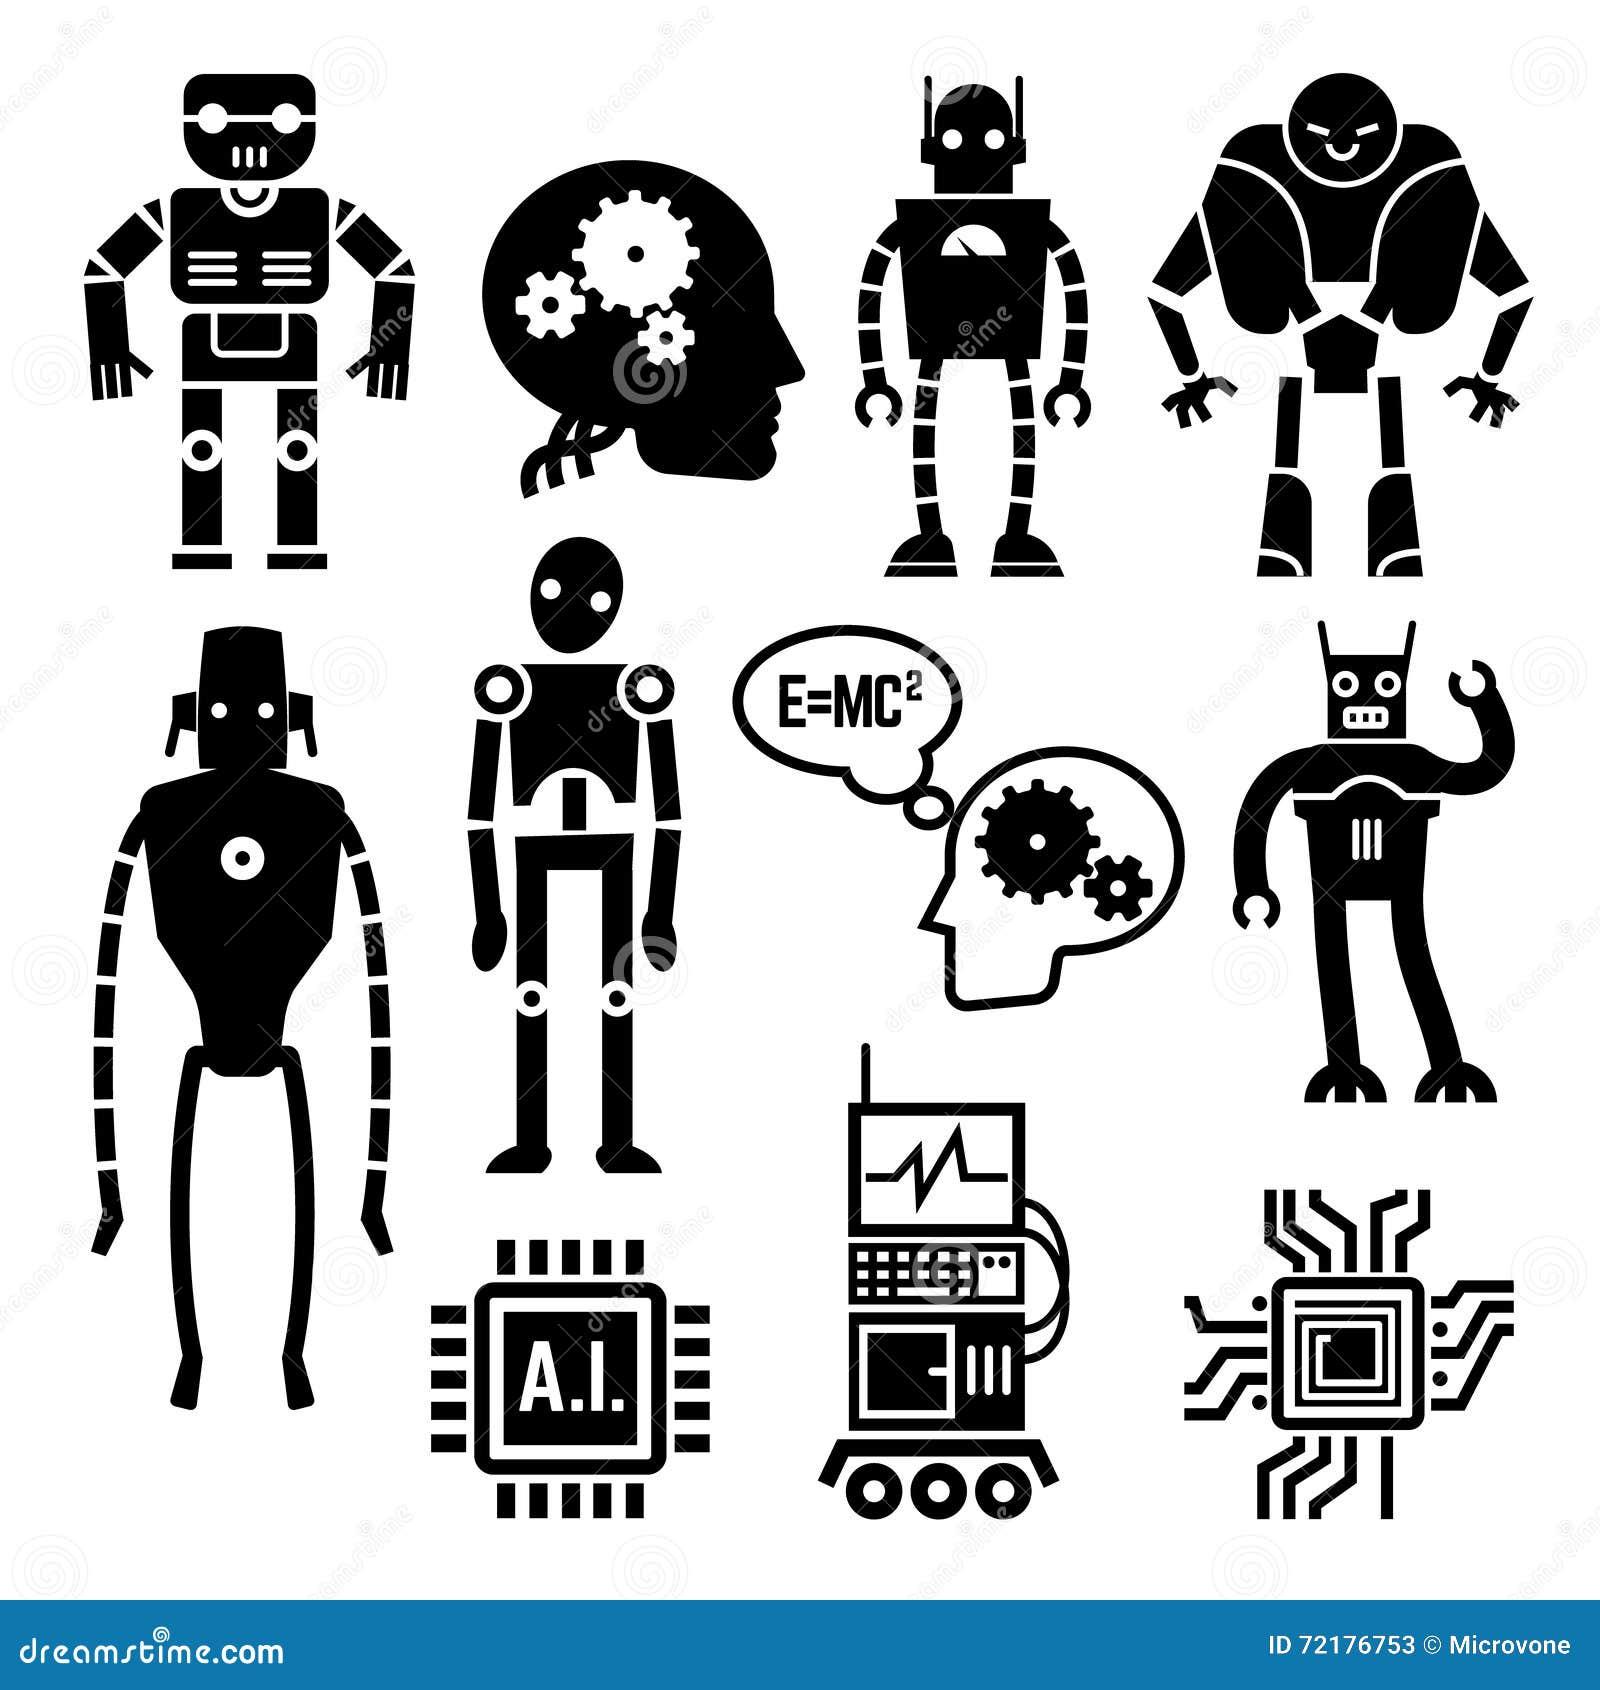 Los robots, los cyborgs, los androides y la inteligencia artificial vector iconos